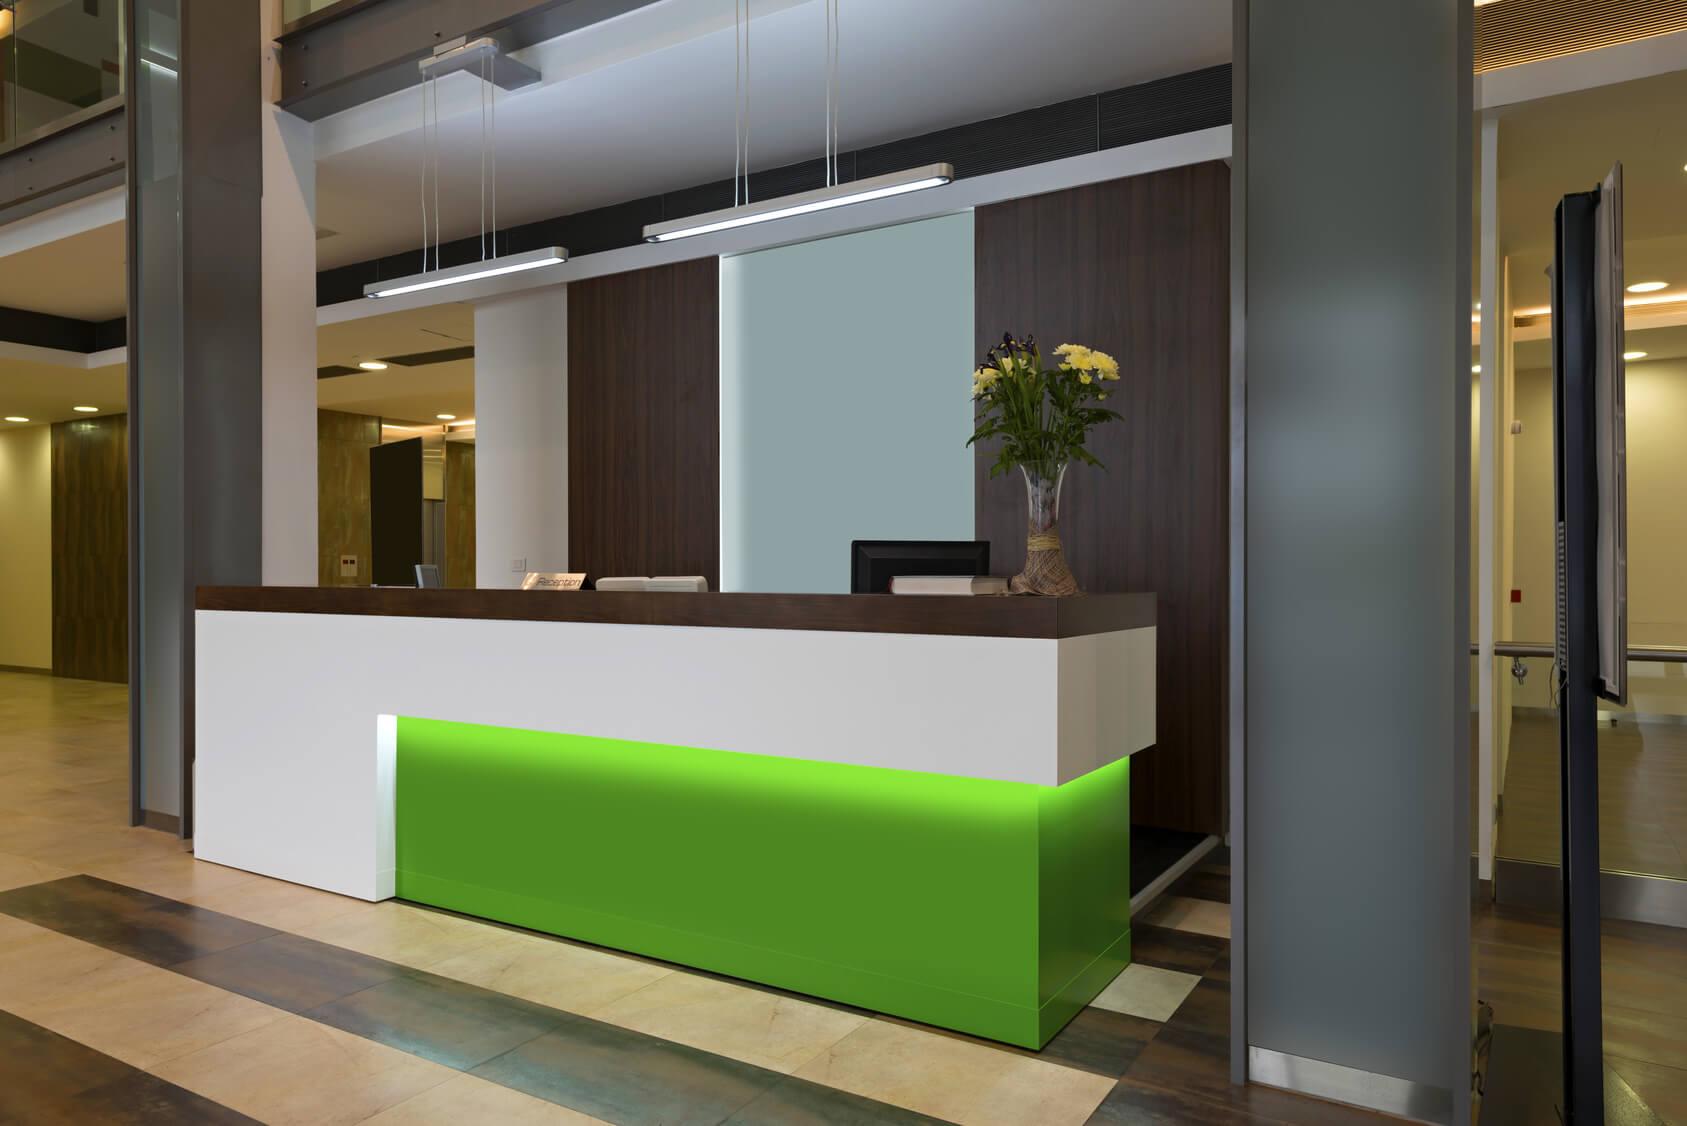 Ресепшн в отелях – правила и исключения — офисная мебель и всё вокруг неё